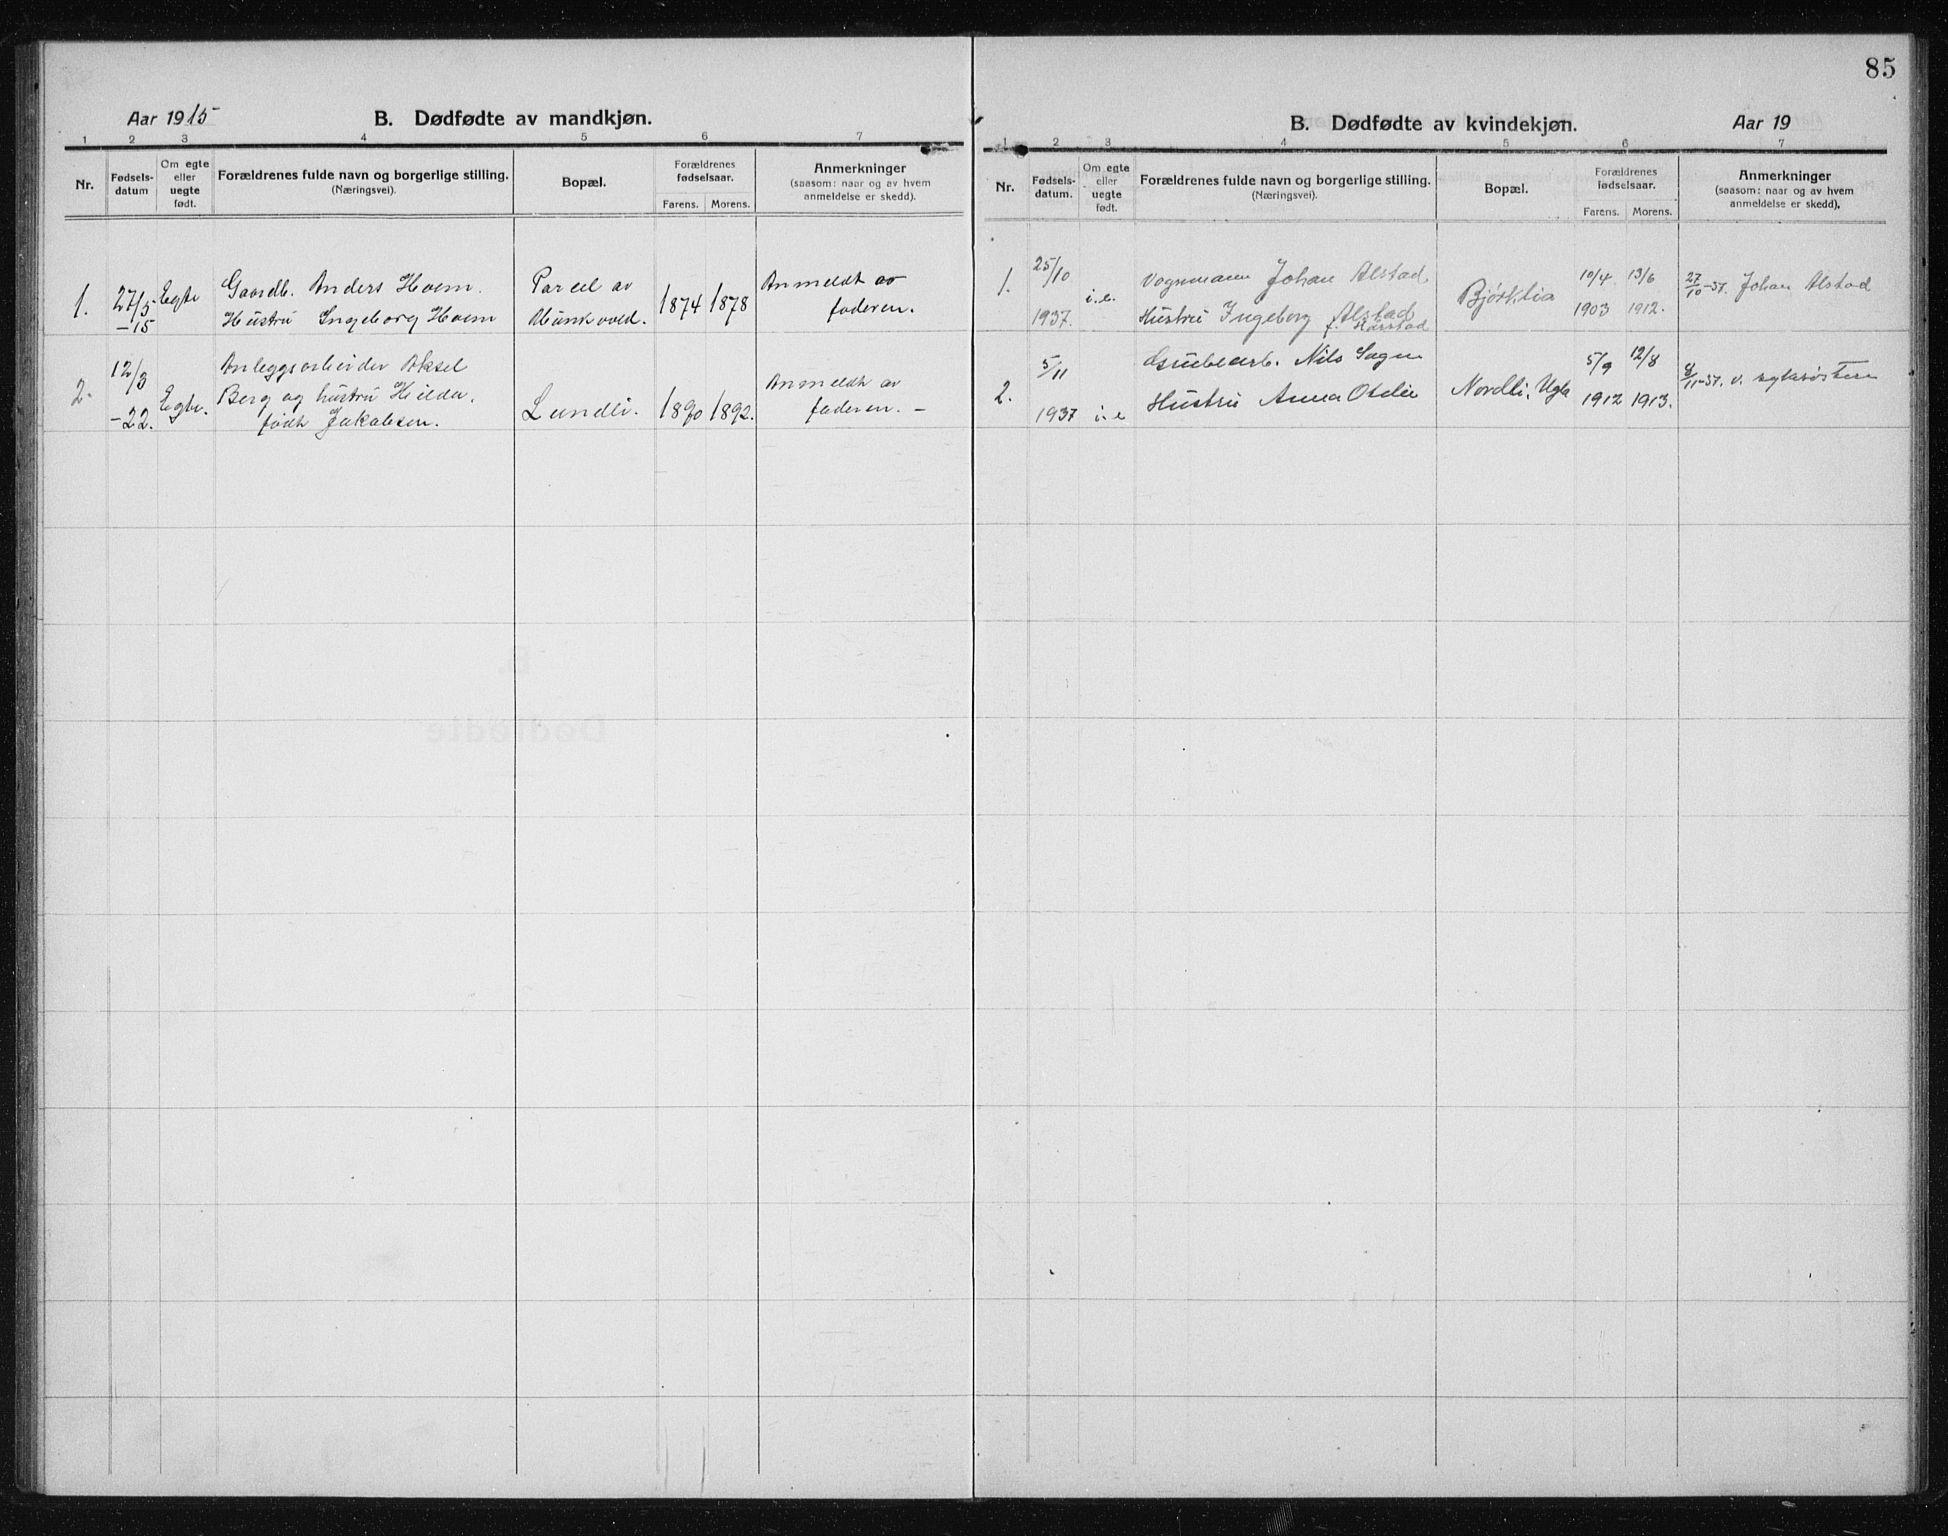 SAT, Ministerialprotokoller, klokkerbøker og fødselsregistre - Sør-Trøndelag, 611/L0356: Klokkerbok nr. 611C04, 1914-1938, s. 85